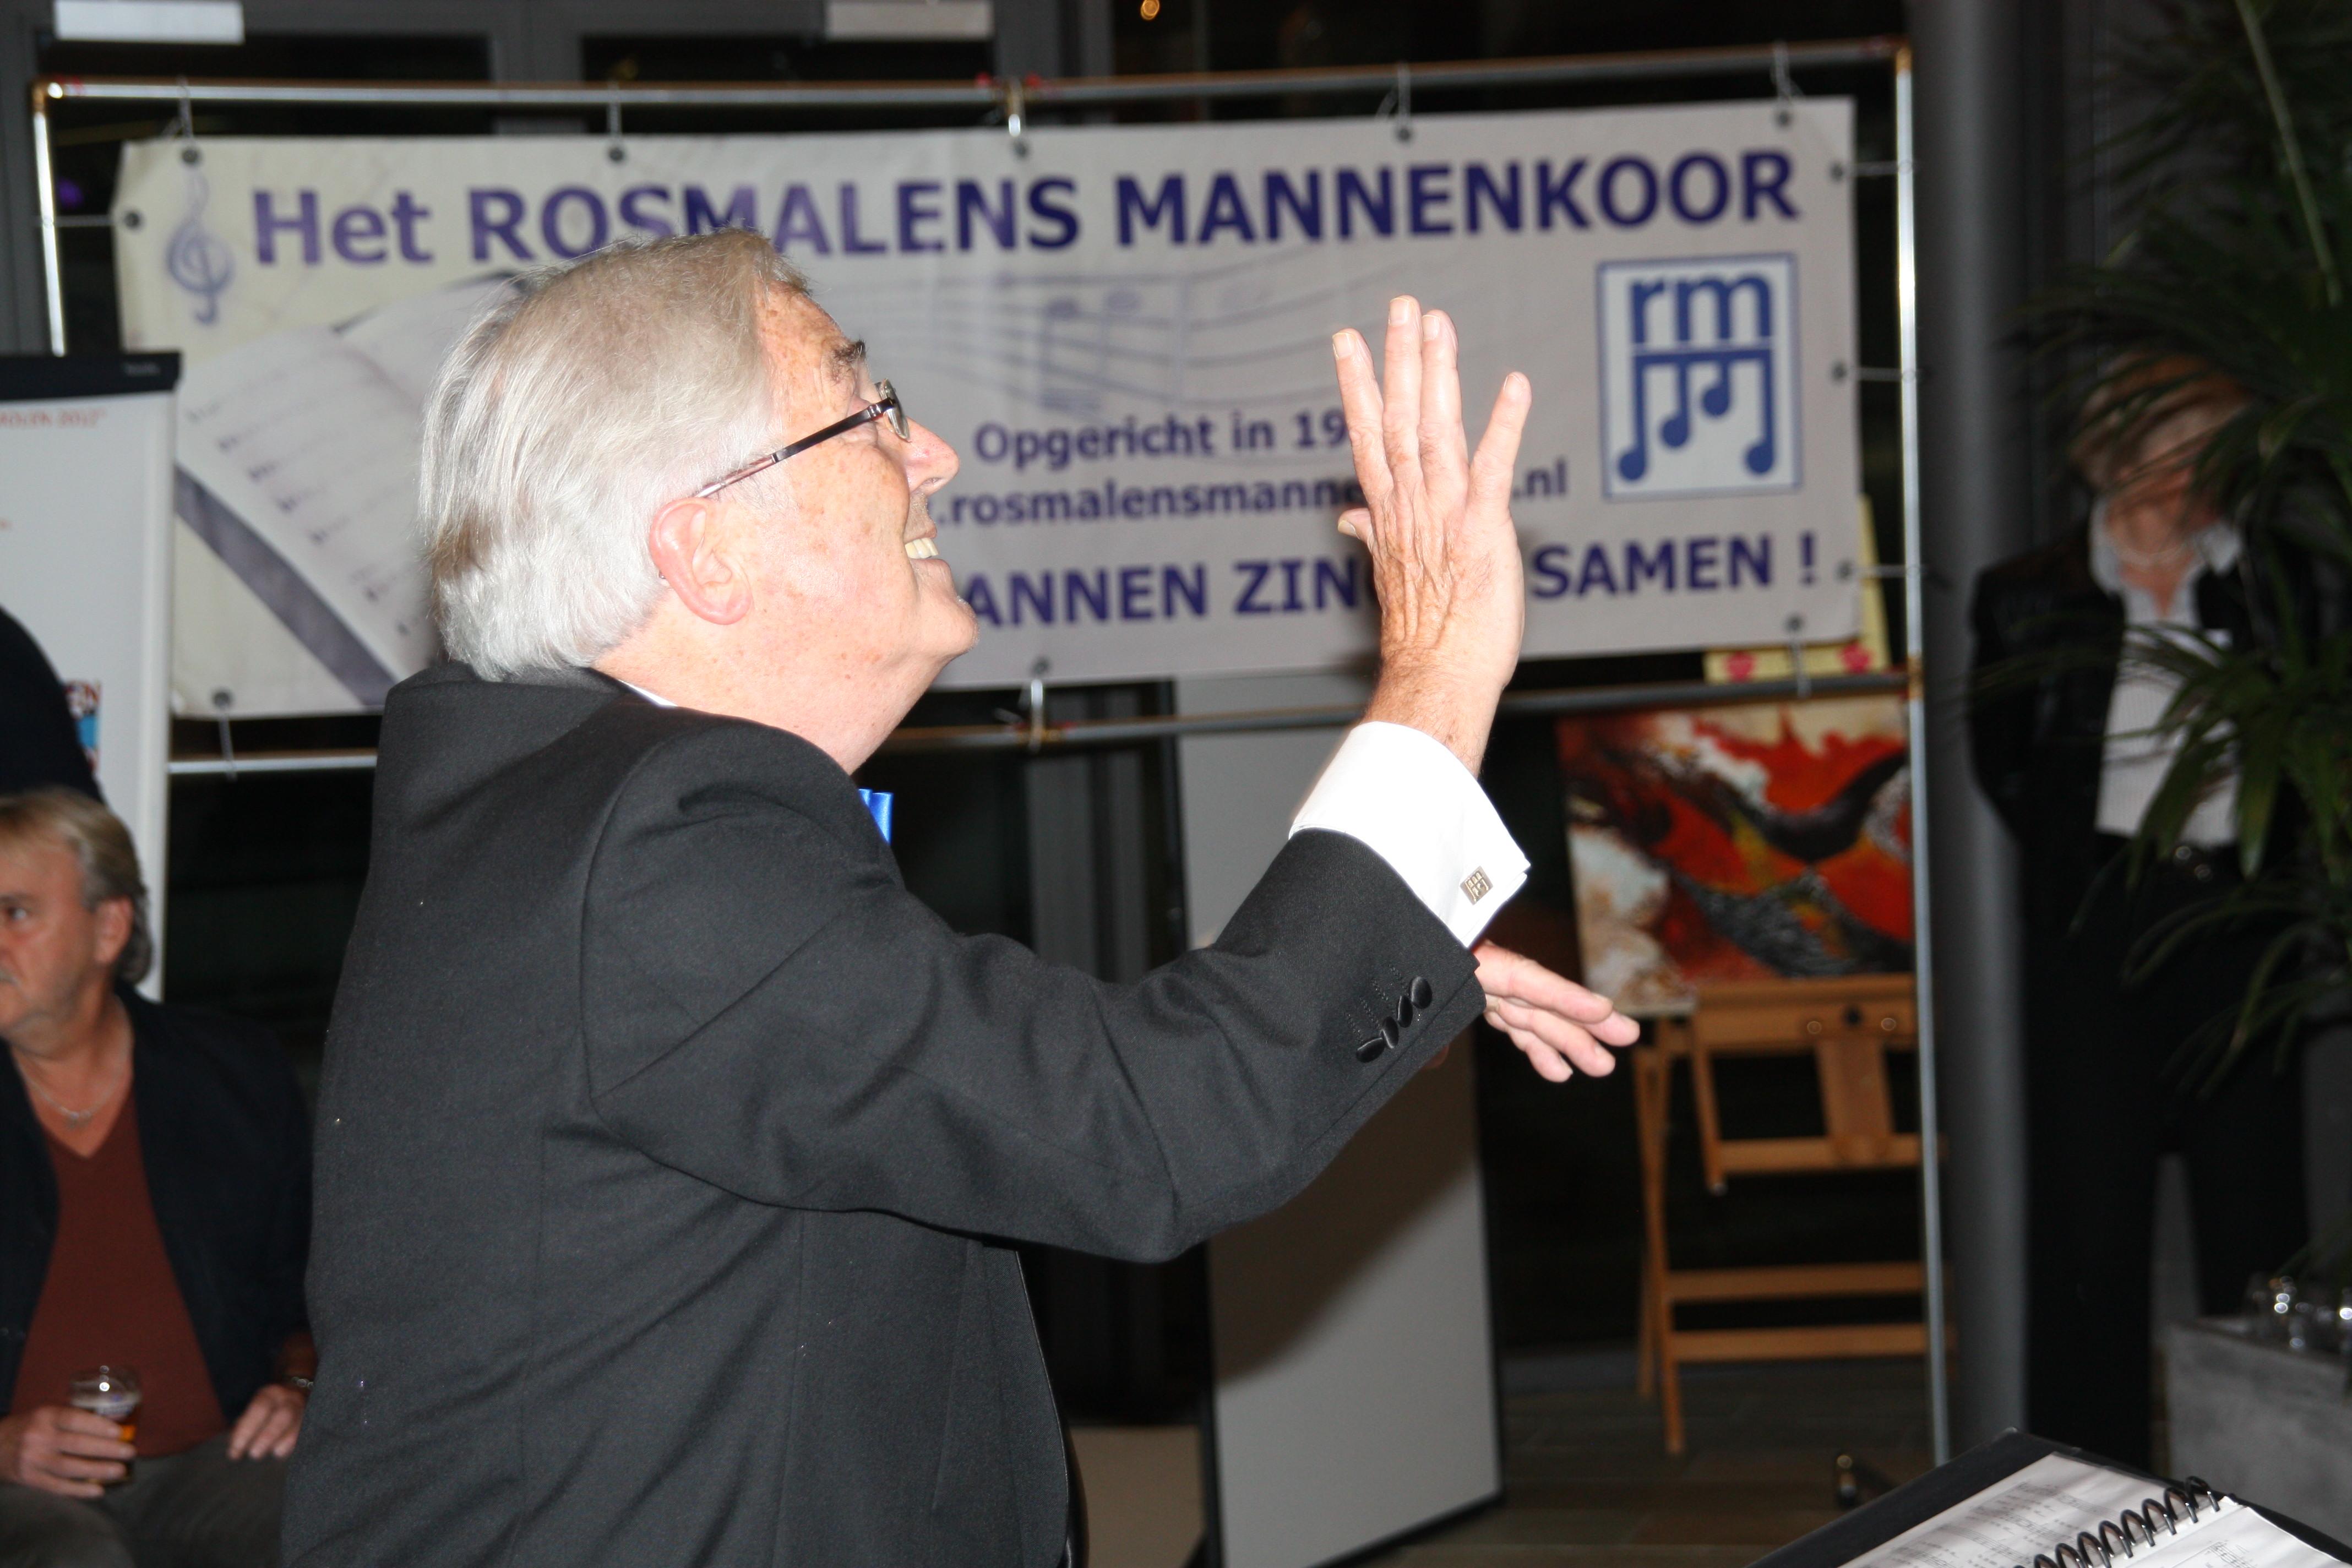 Koren op de Rosmolen 2012_2012 10 27_1912